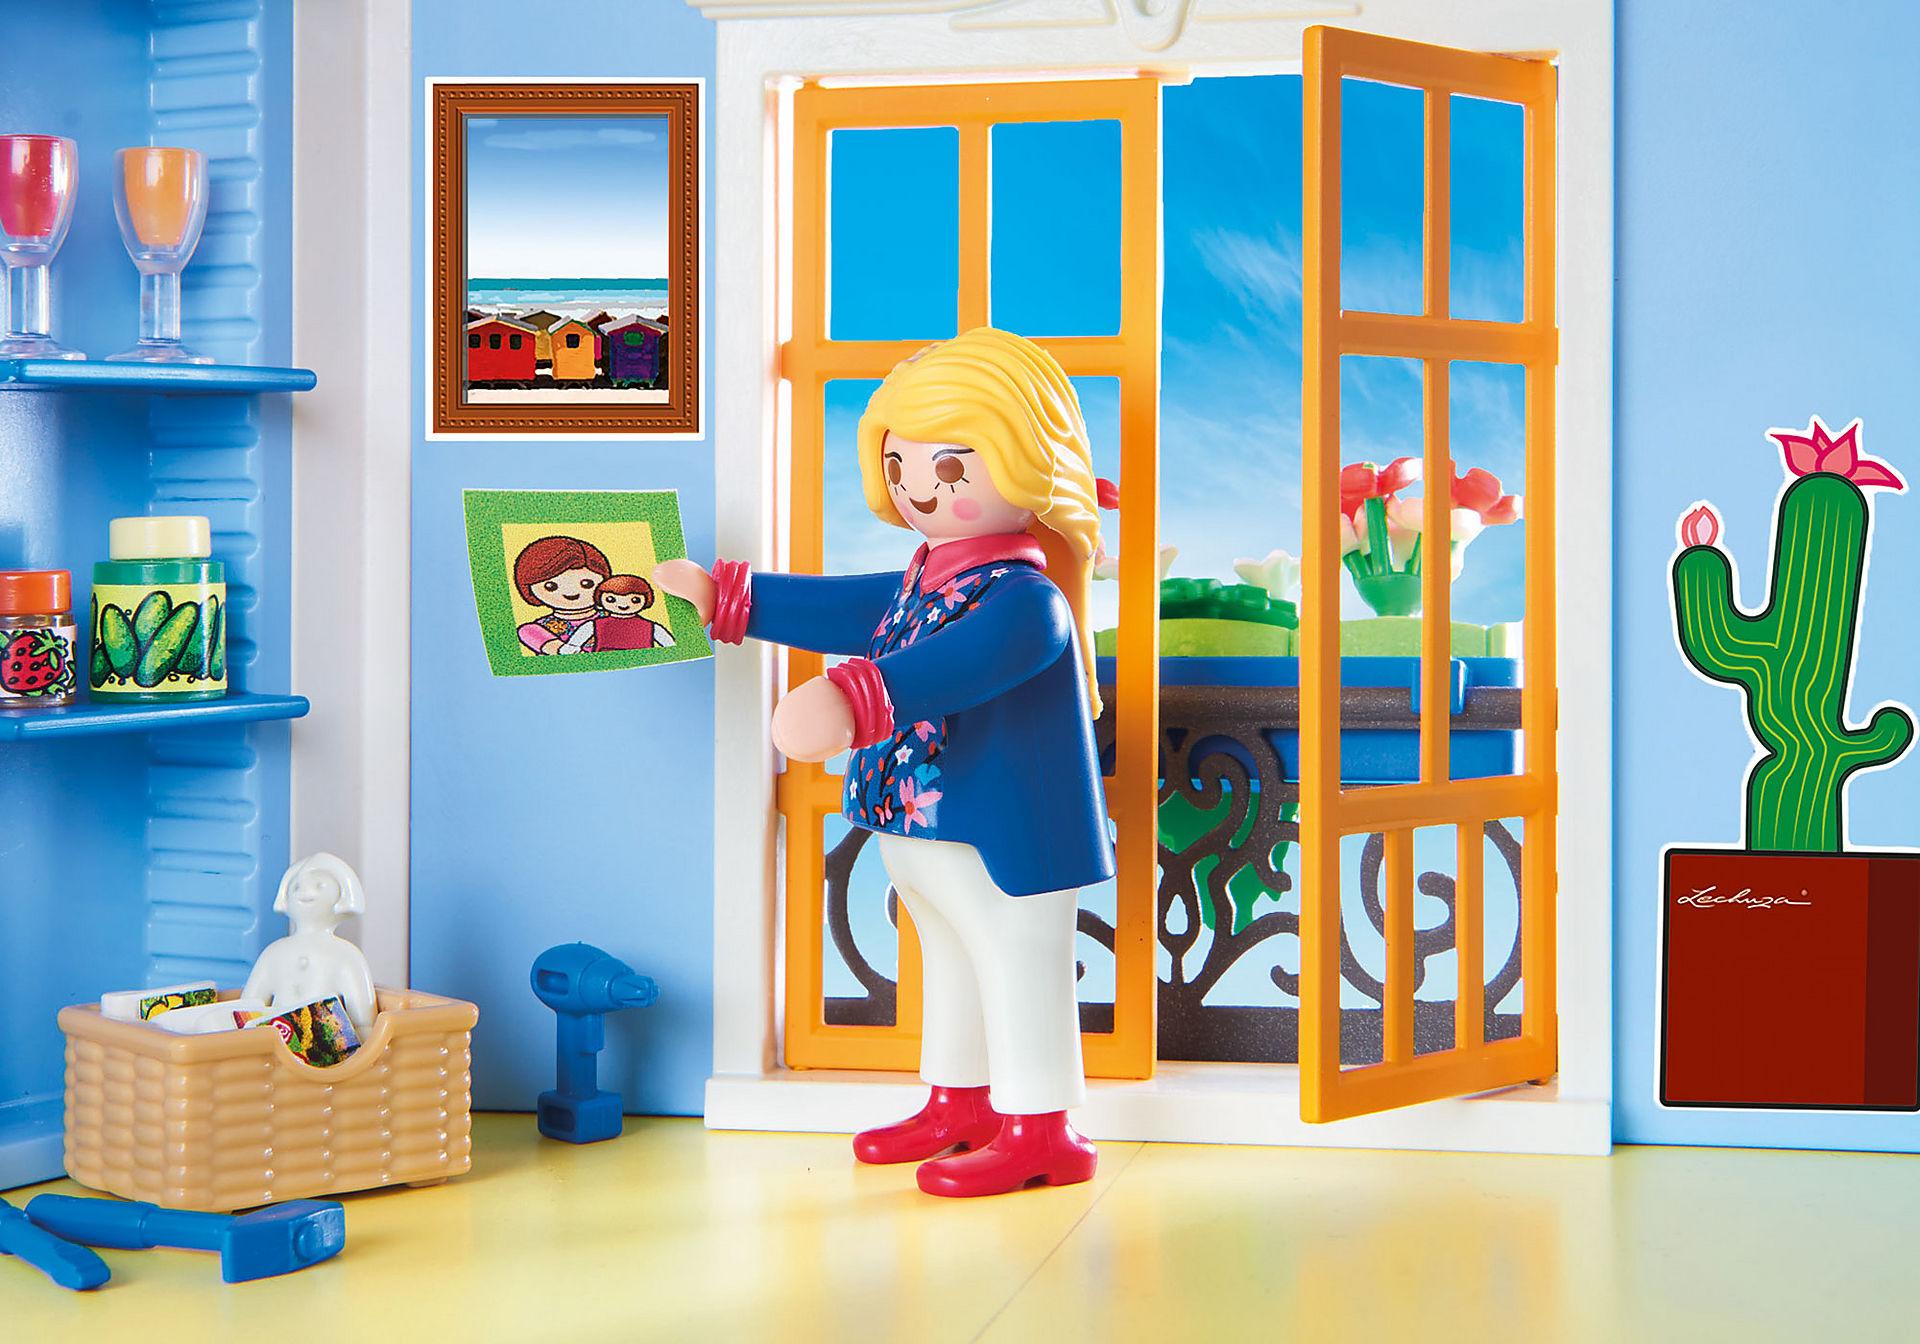 70205 Large Dollhouse zoom image7